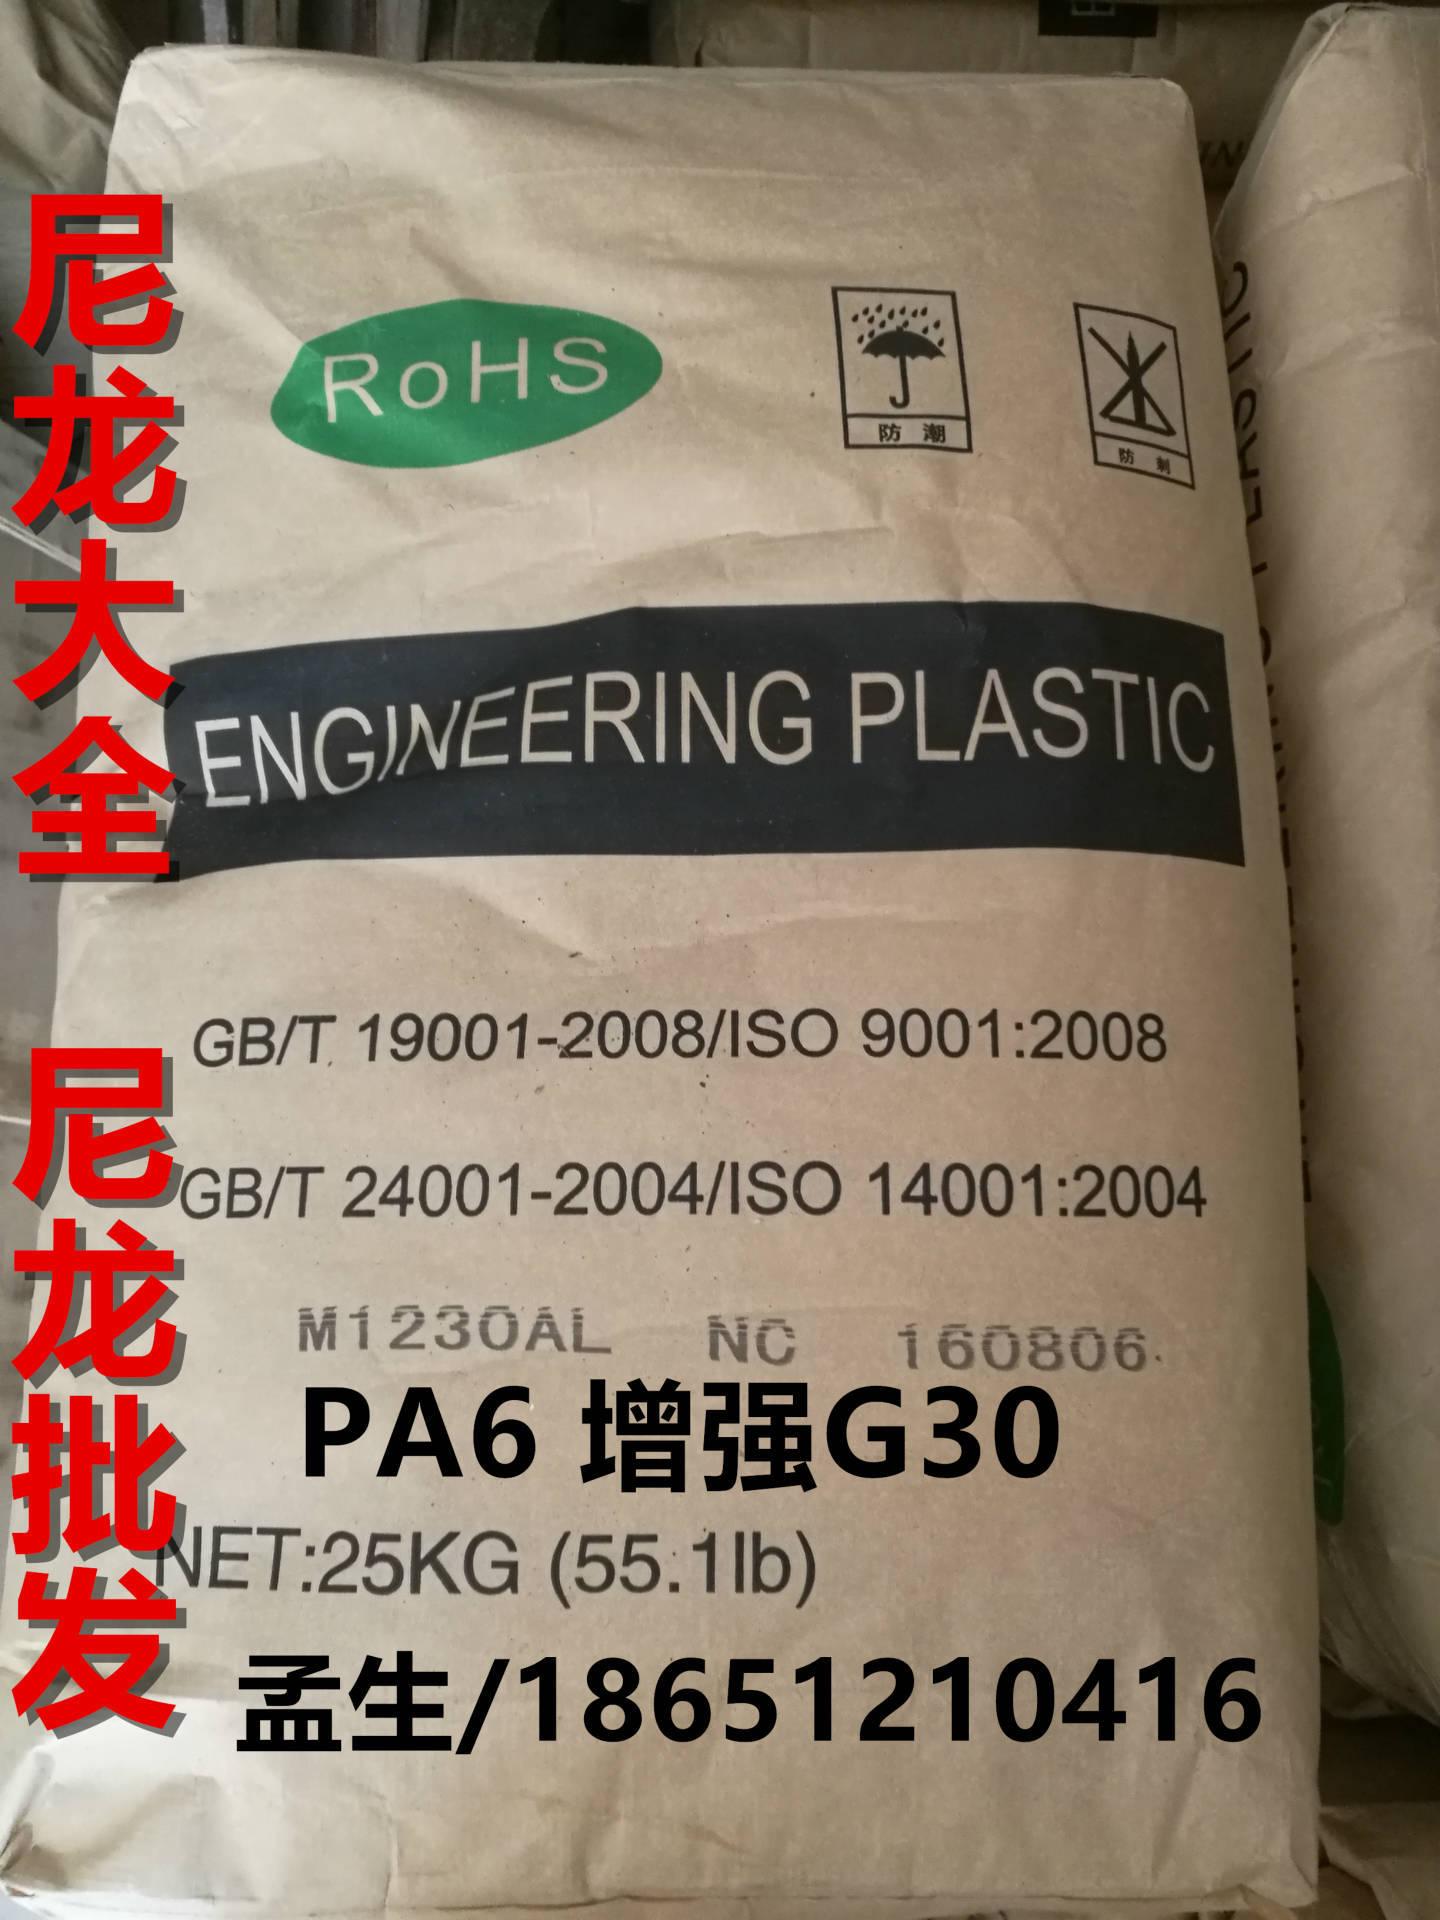 厂家直销 本色玻纤增强30% 尼龙PA6  环保白色 性能稳定,性价比示例图9